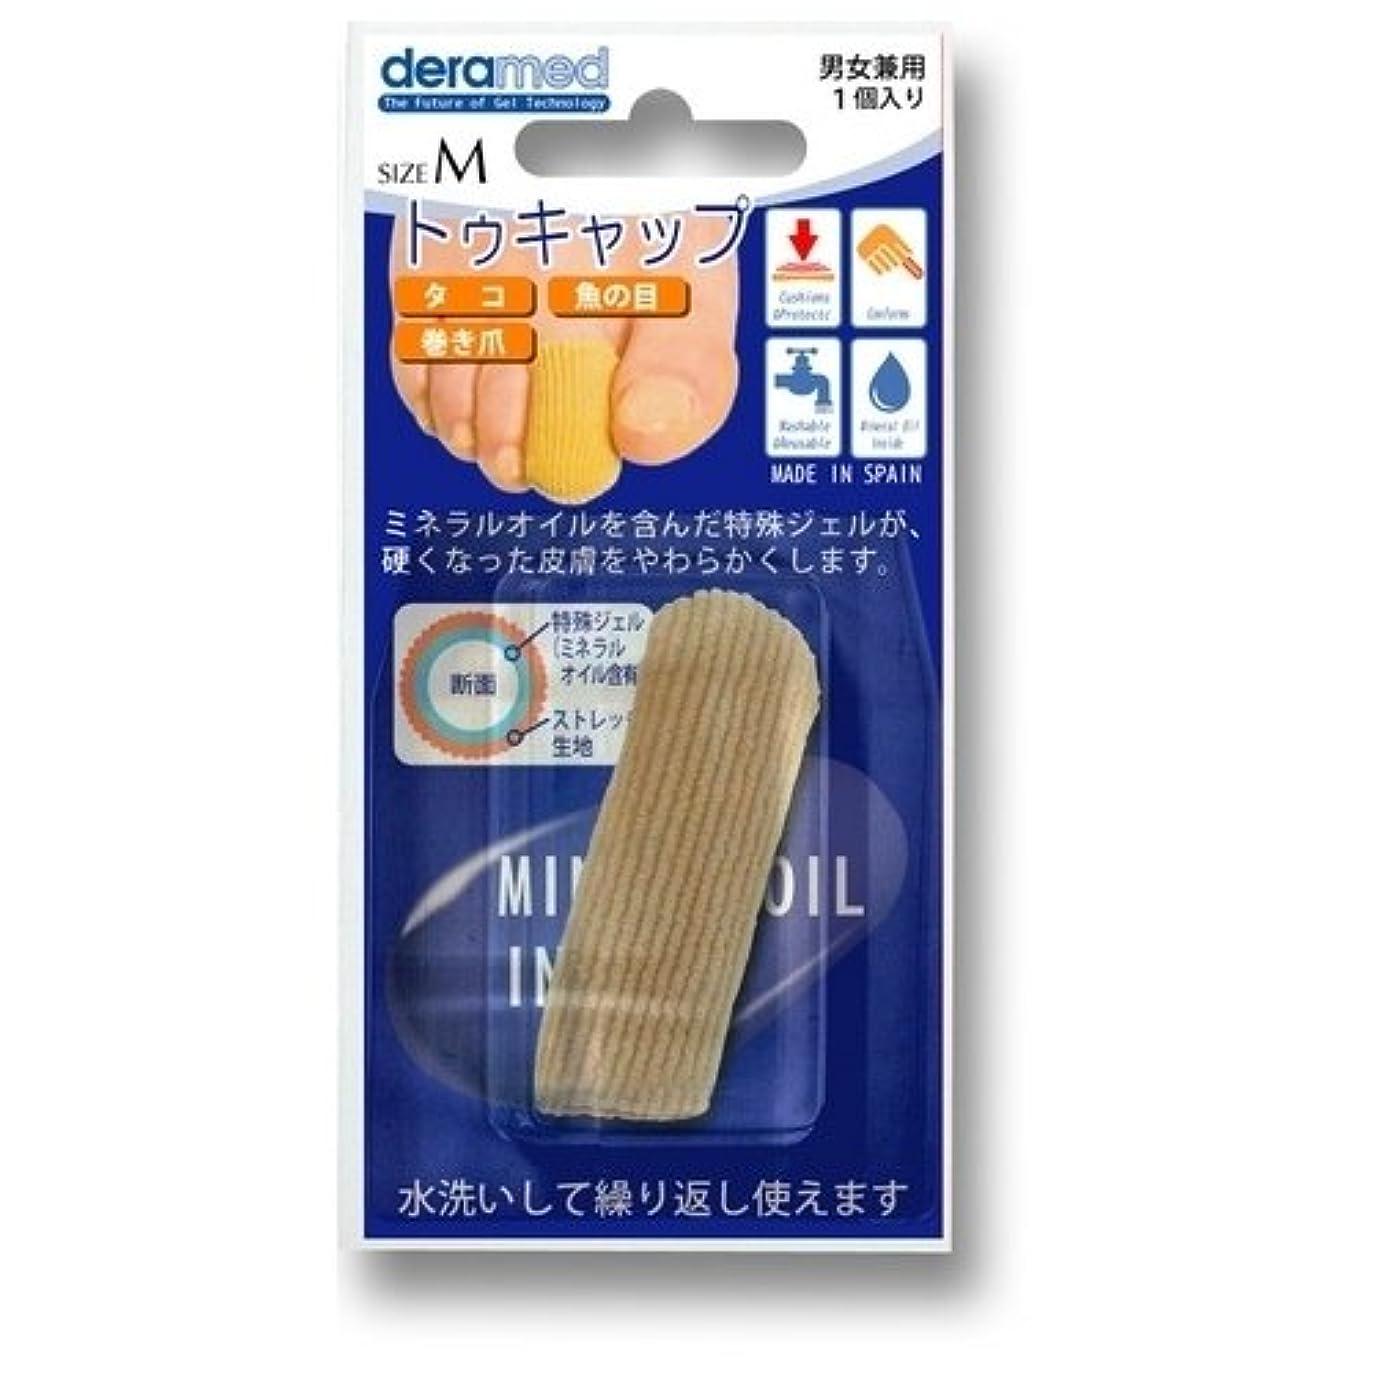 居心地の良い一定装備するデラメド 巻爪?足指マメ?タコ魚の目対策 兼用M